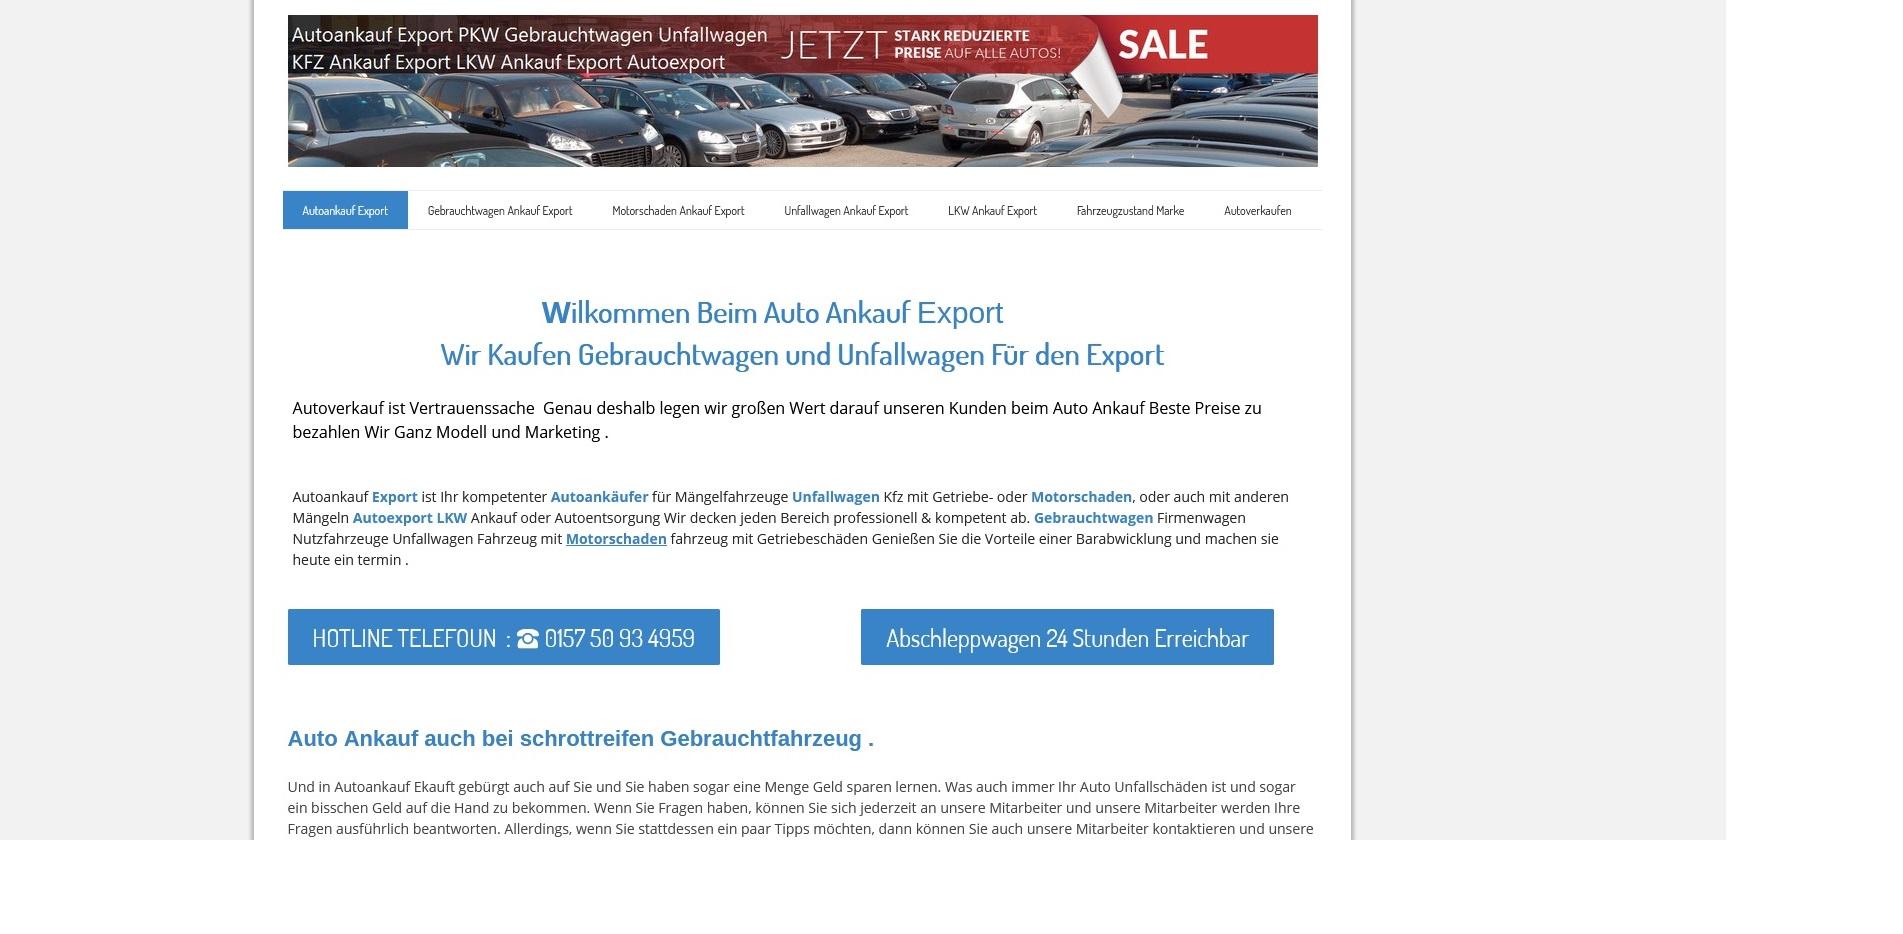 Kfz-Ankauf-export.de | Autoankauf Ludwigsburg | Autoankauf Export Ludwigsburg